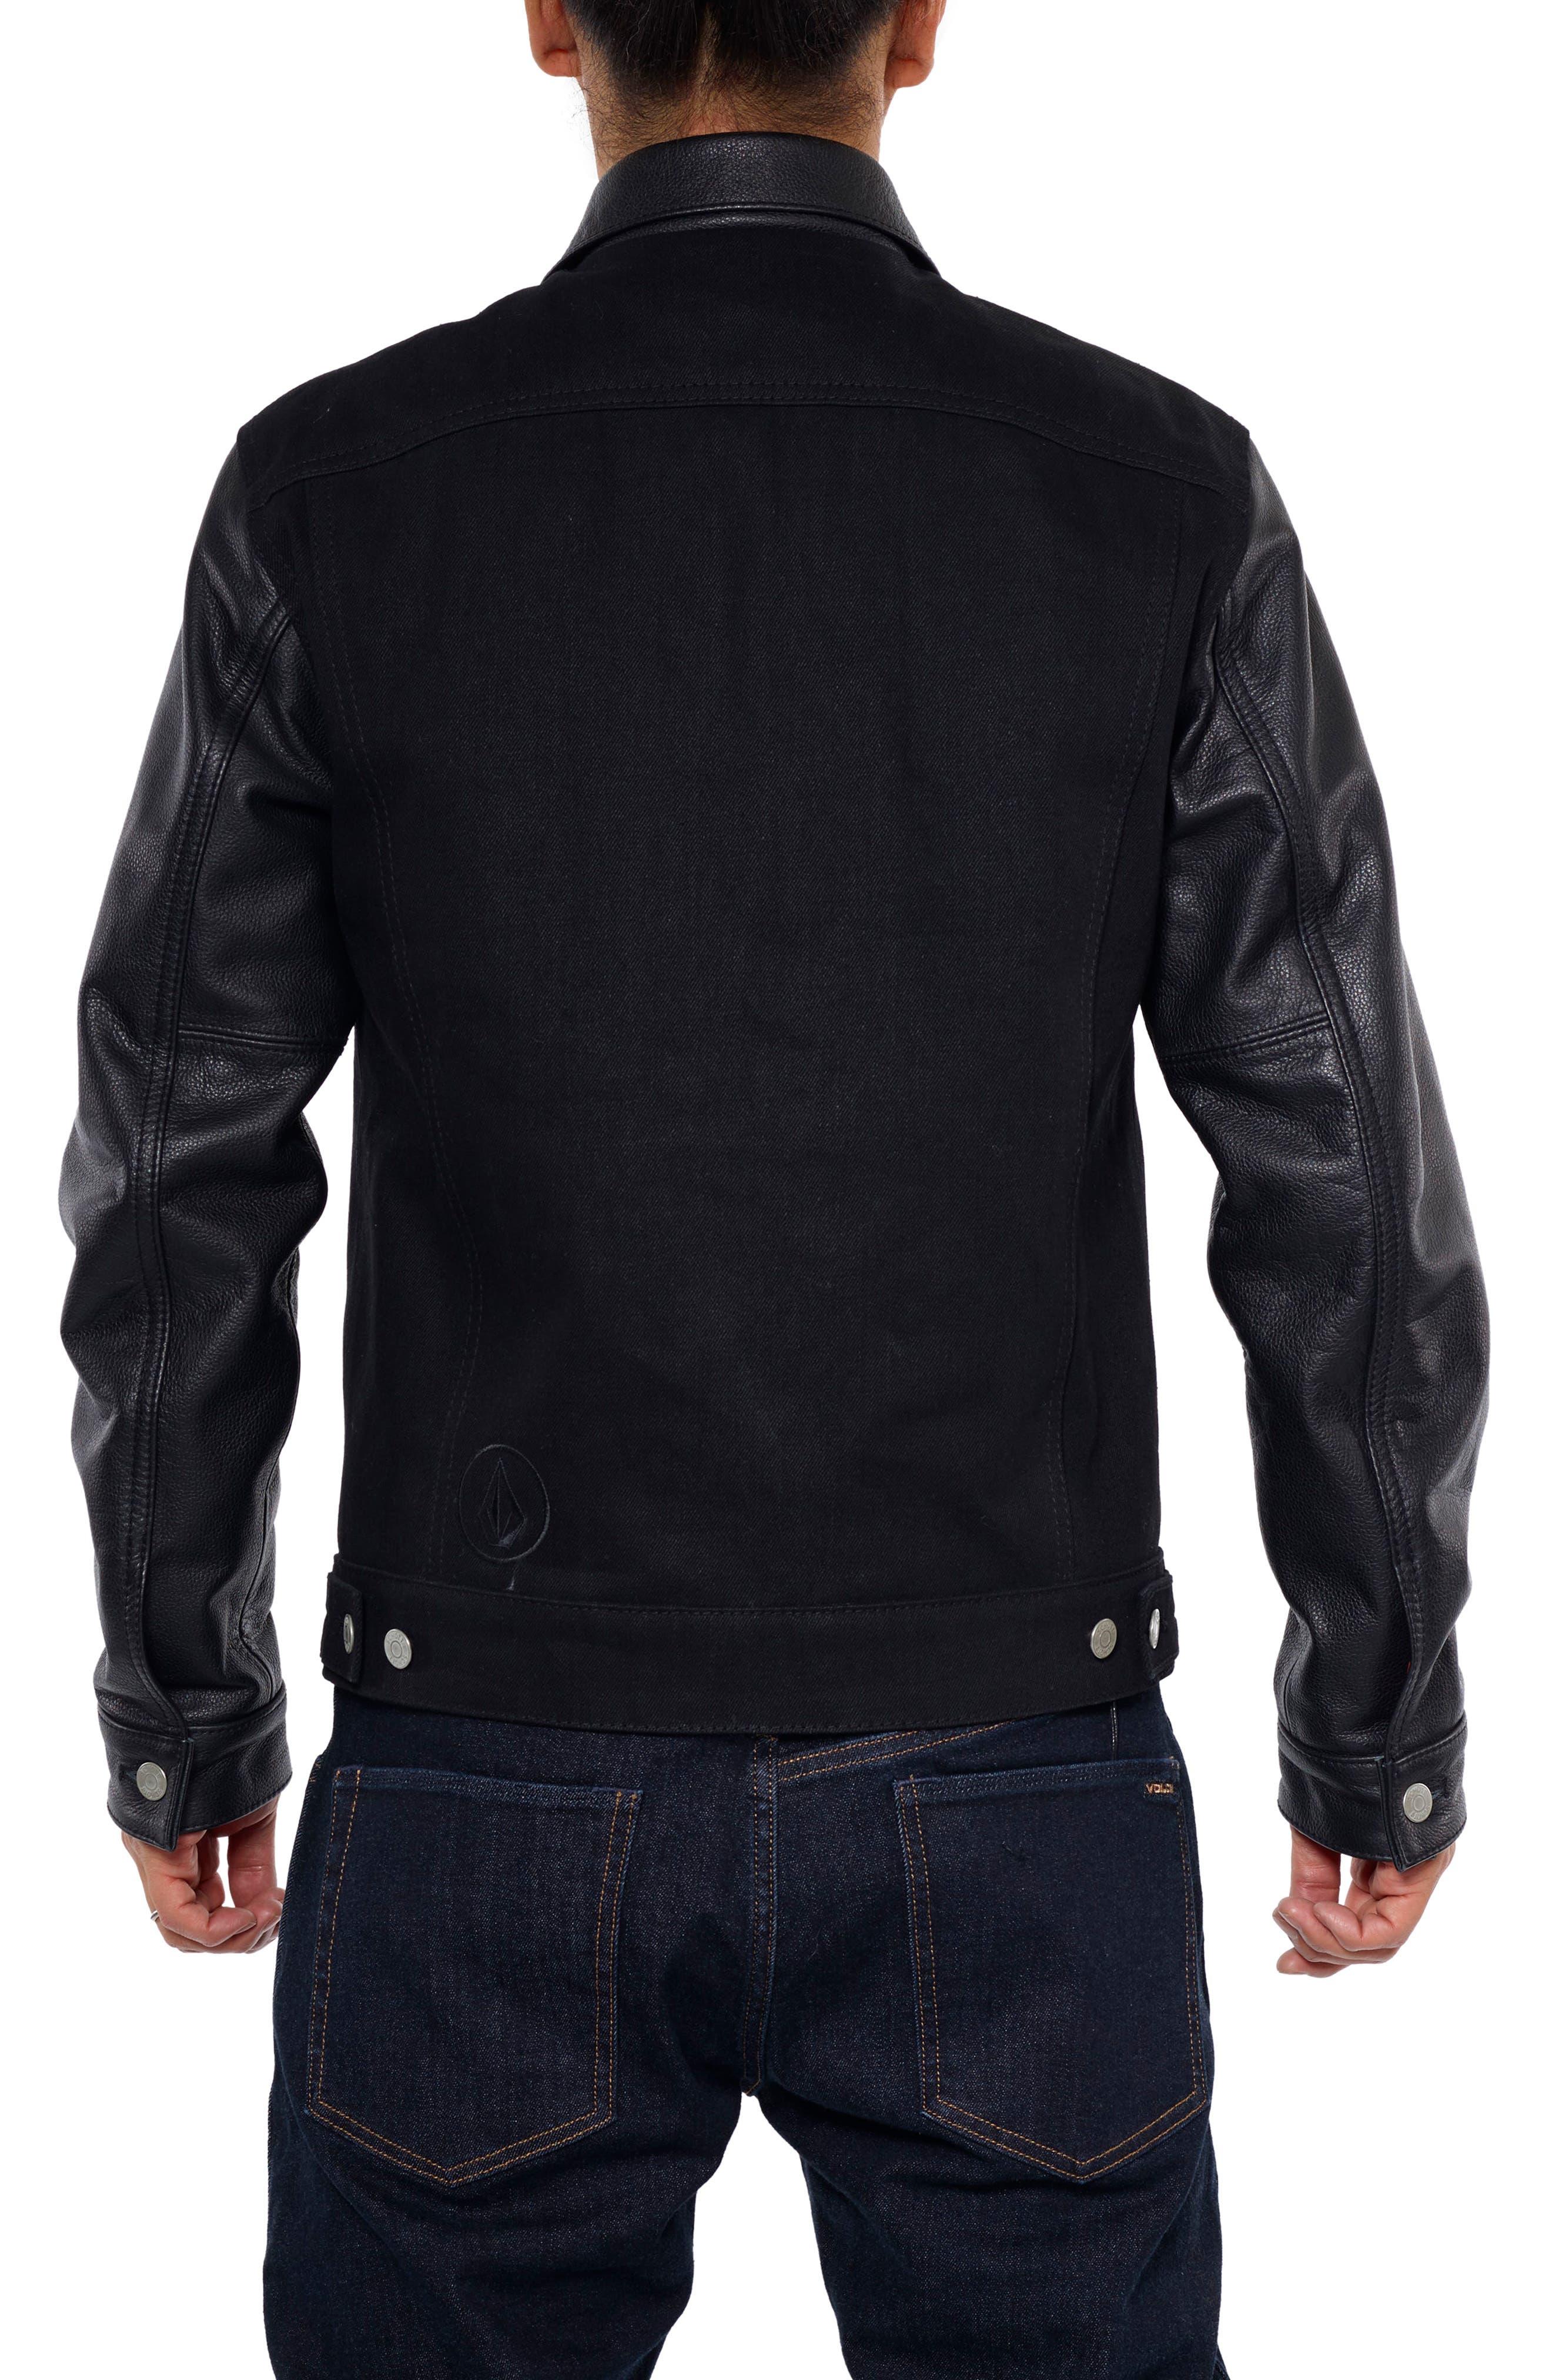 x Schott Denim Jacket,                             Alternate thumbnail 2, color,                             001